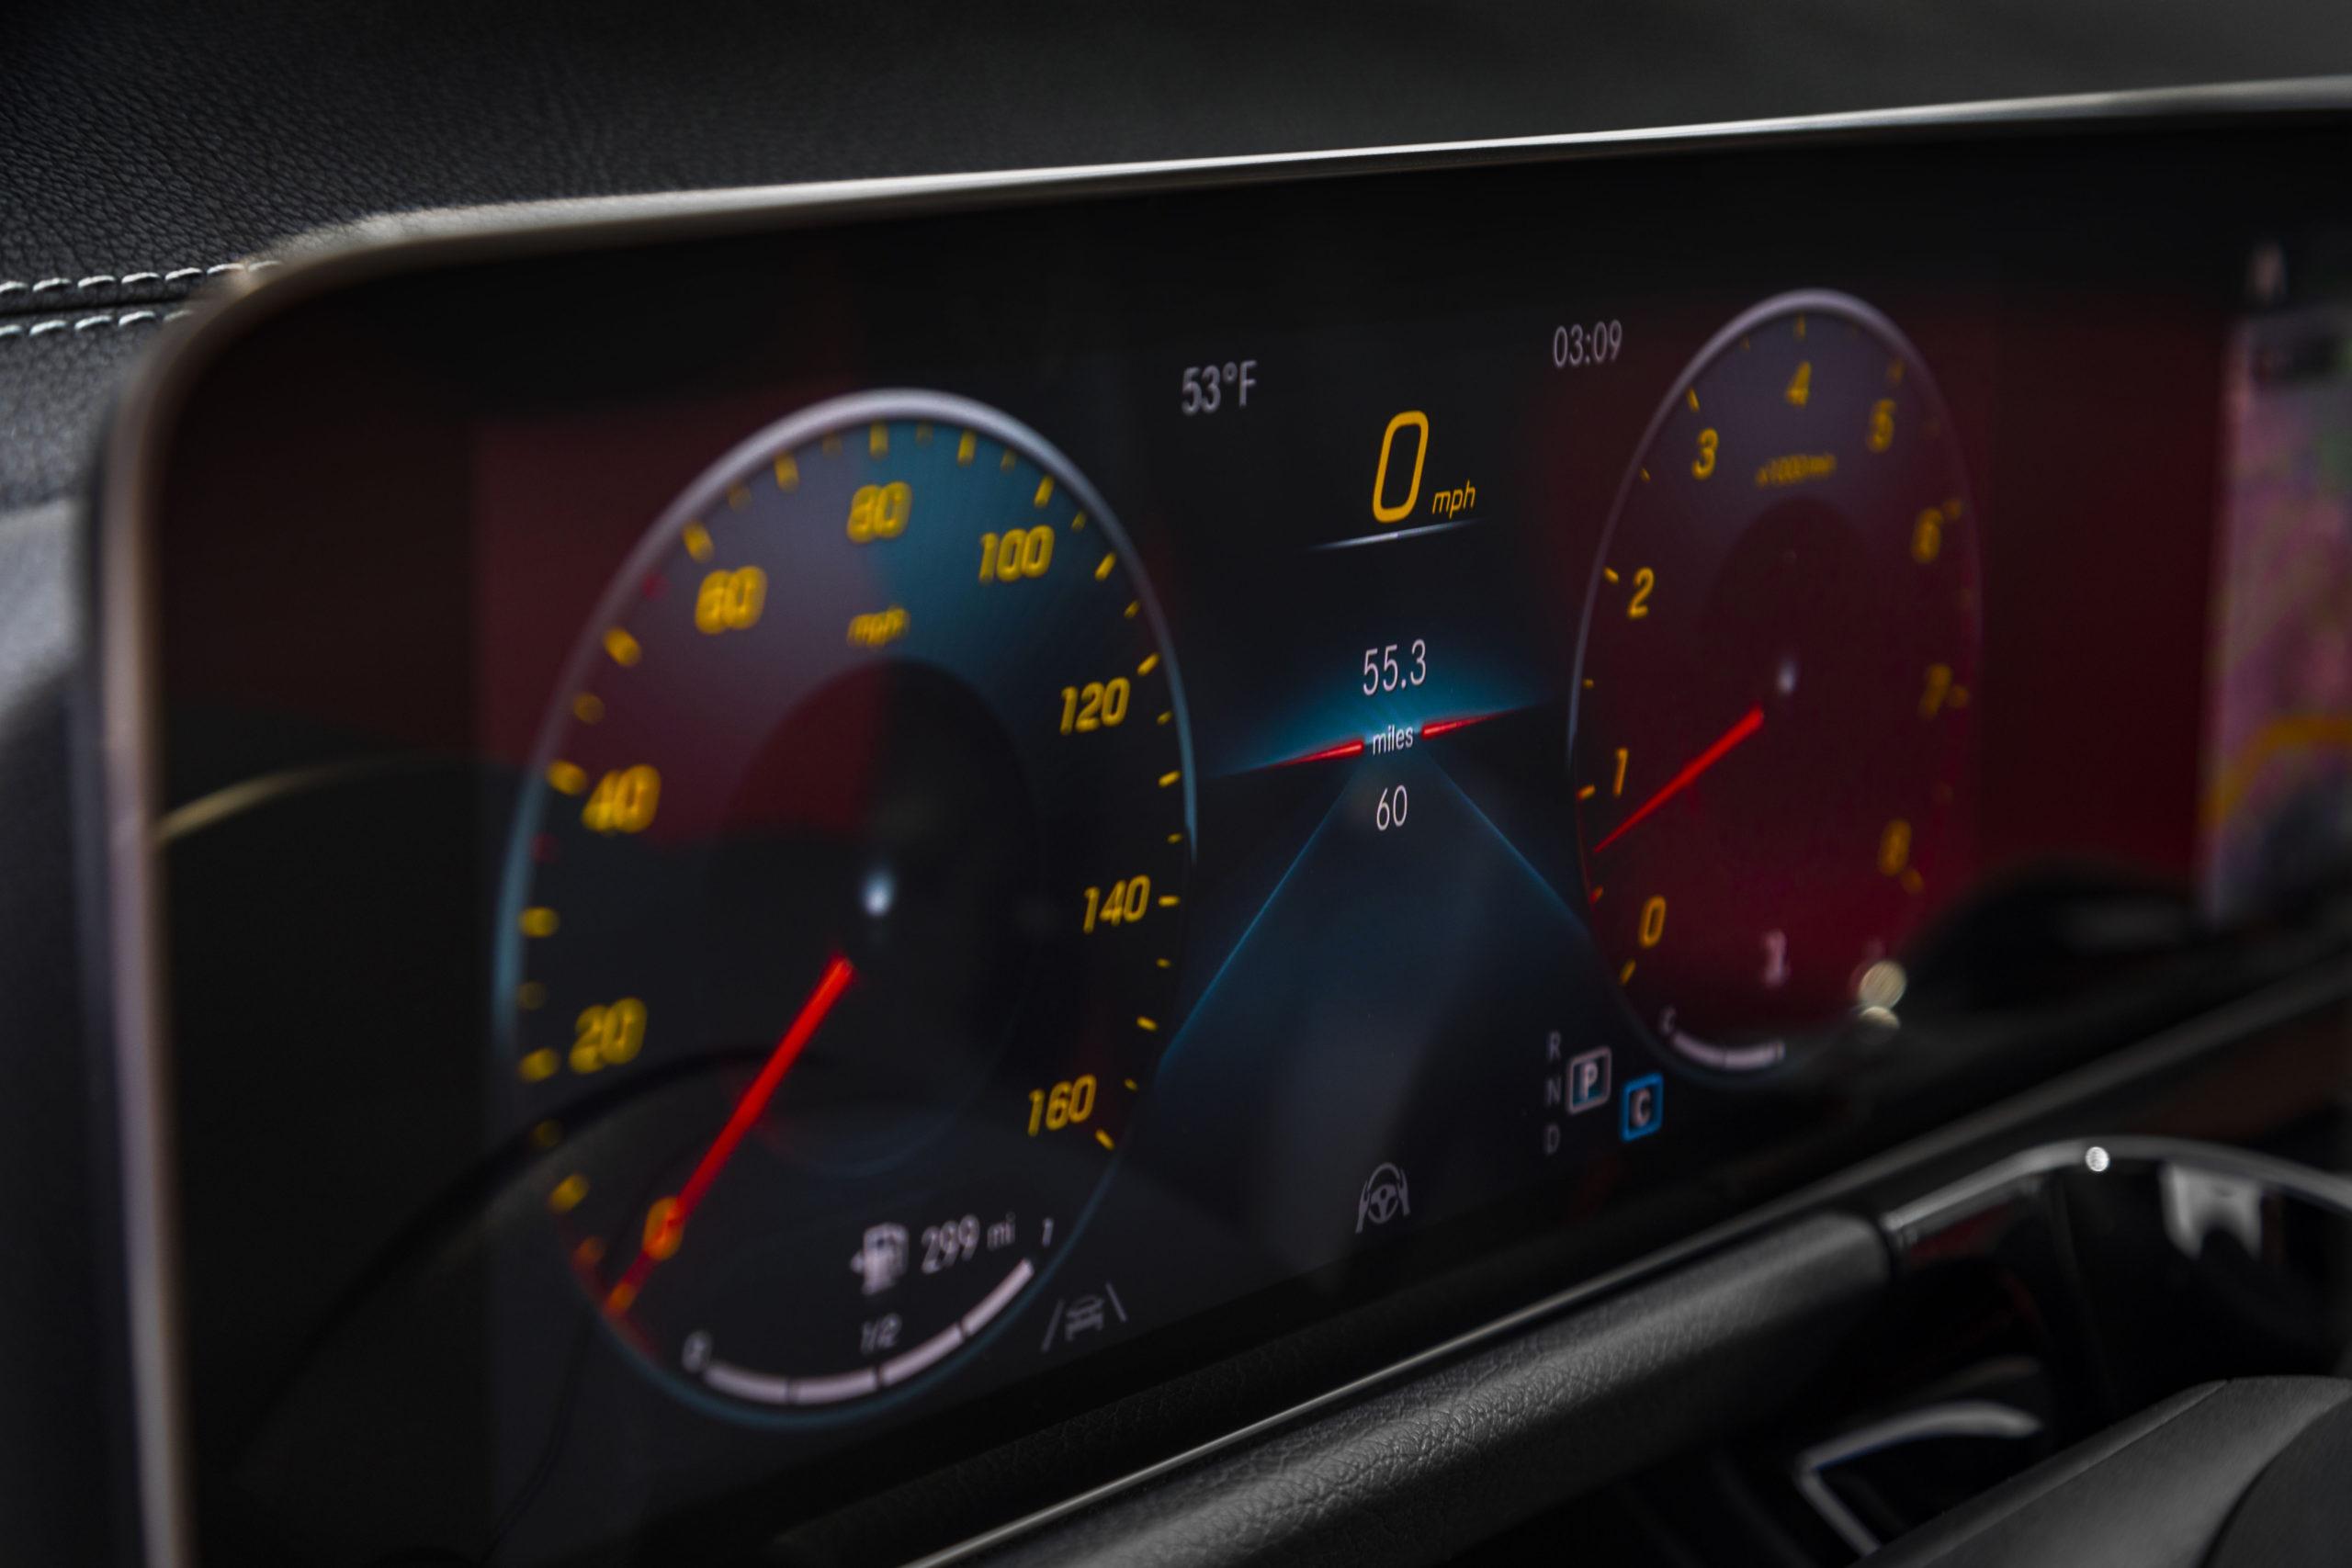 2021 Mercedes-Benz GLA 250 driver screen